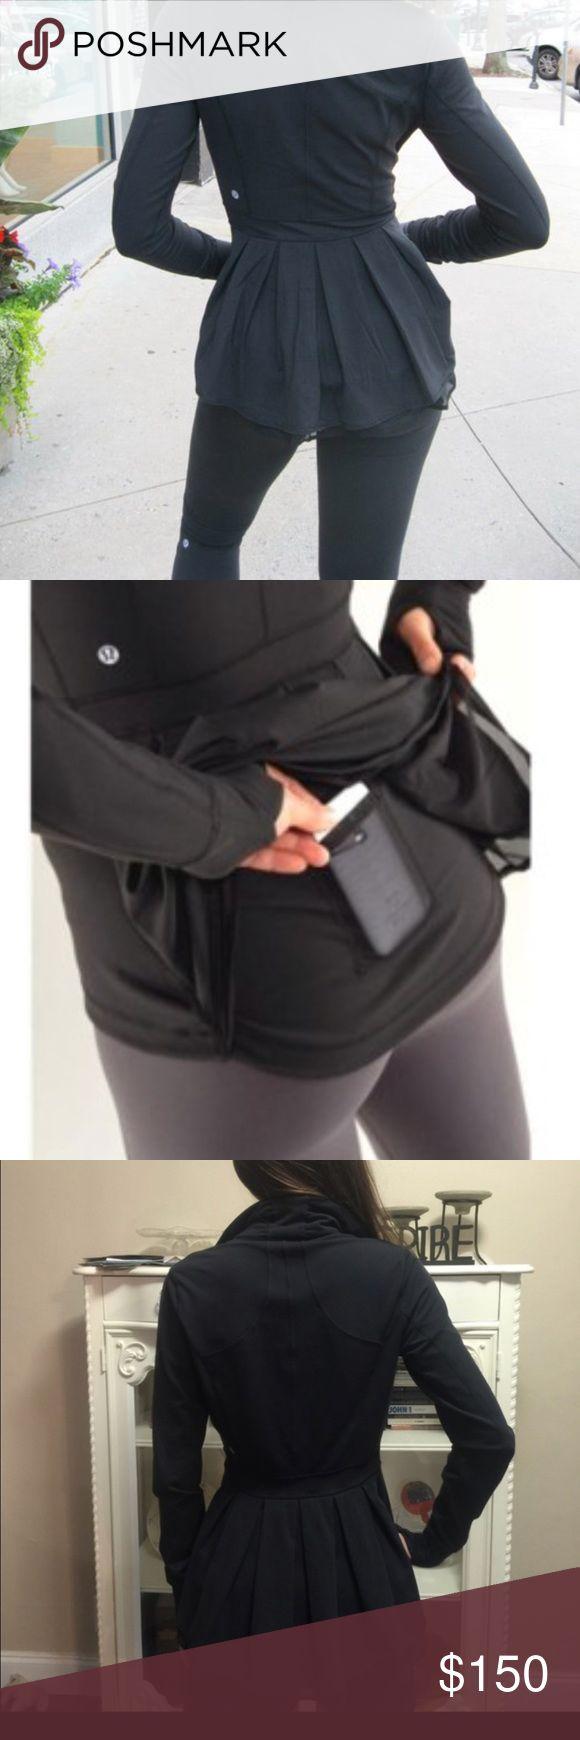 Rare Lululemon Riding Peplum Jacket Luon fabric. So gorgeous. Black peplum riding Lululemon Jacket Long ruffles. lululemon athletica Jackets & Coats